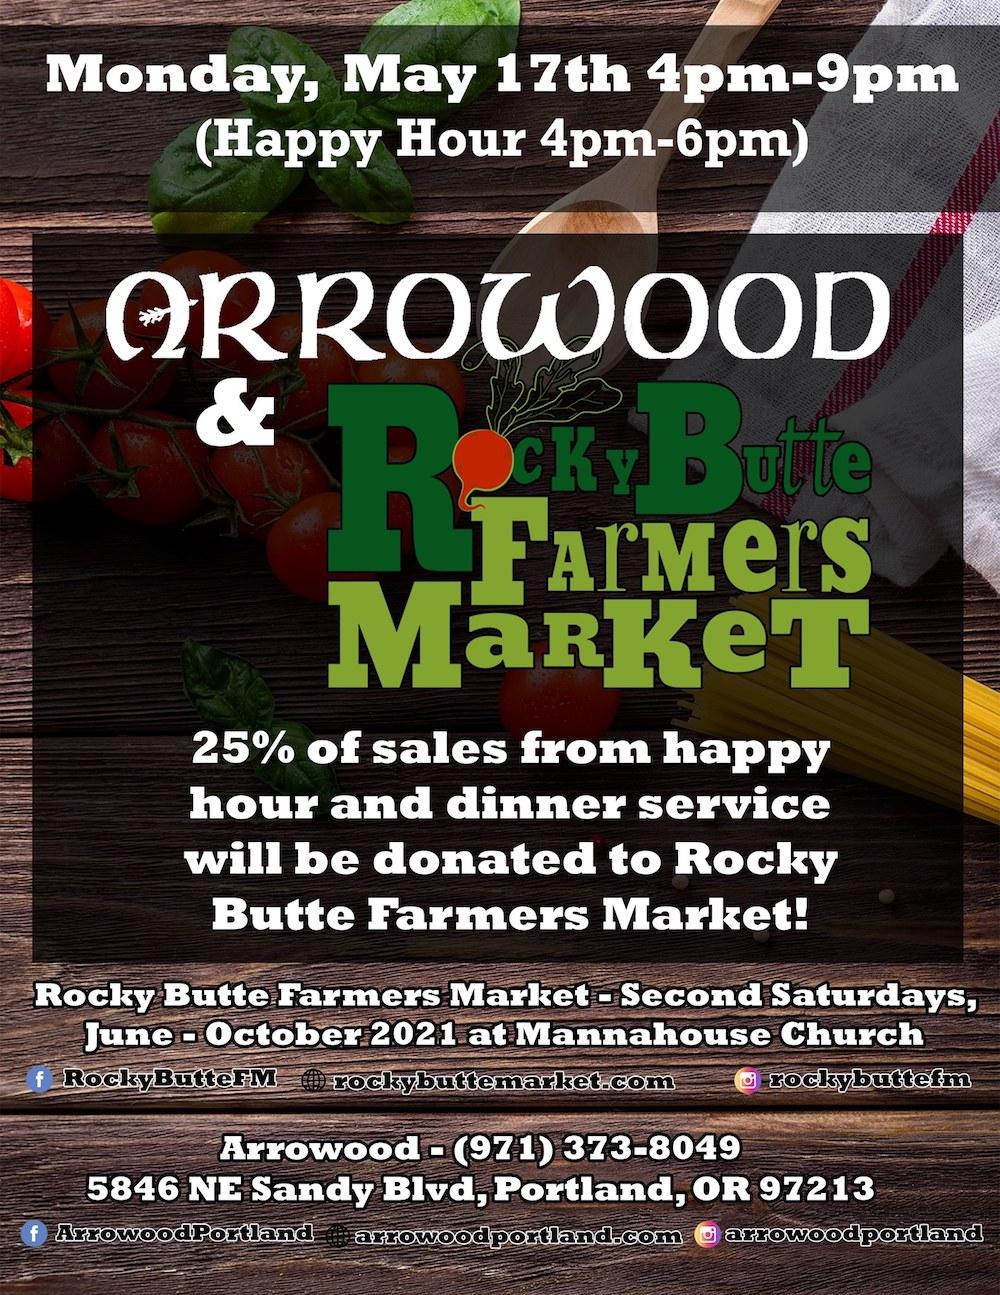 arrowood-portland-rocky-butte-farmers-market-fundraiser